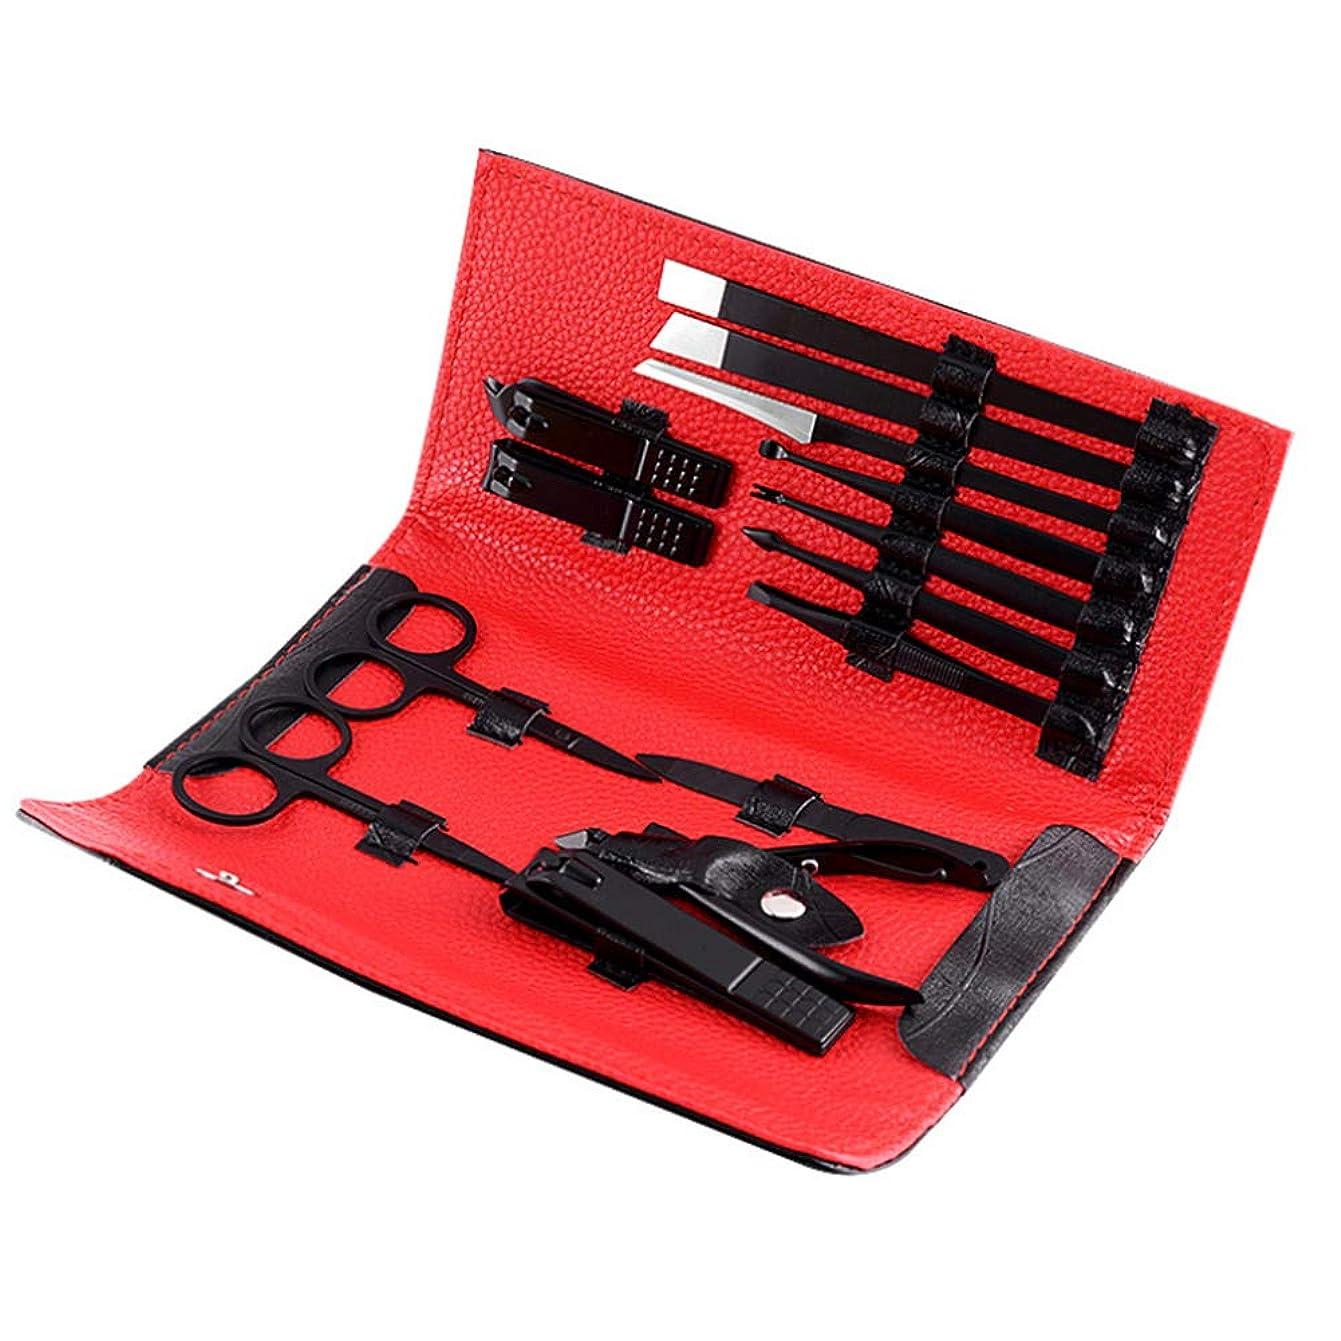 裏切りチーター不可能なマニキュアペディキュアセット爪切り-ステンレス製の14個のマニキュアセット-爪ツール-女性と男性のための完璧な贈り物。